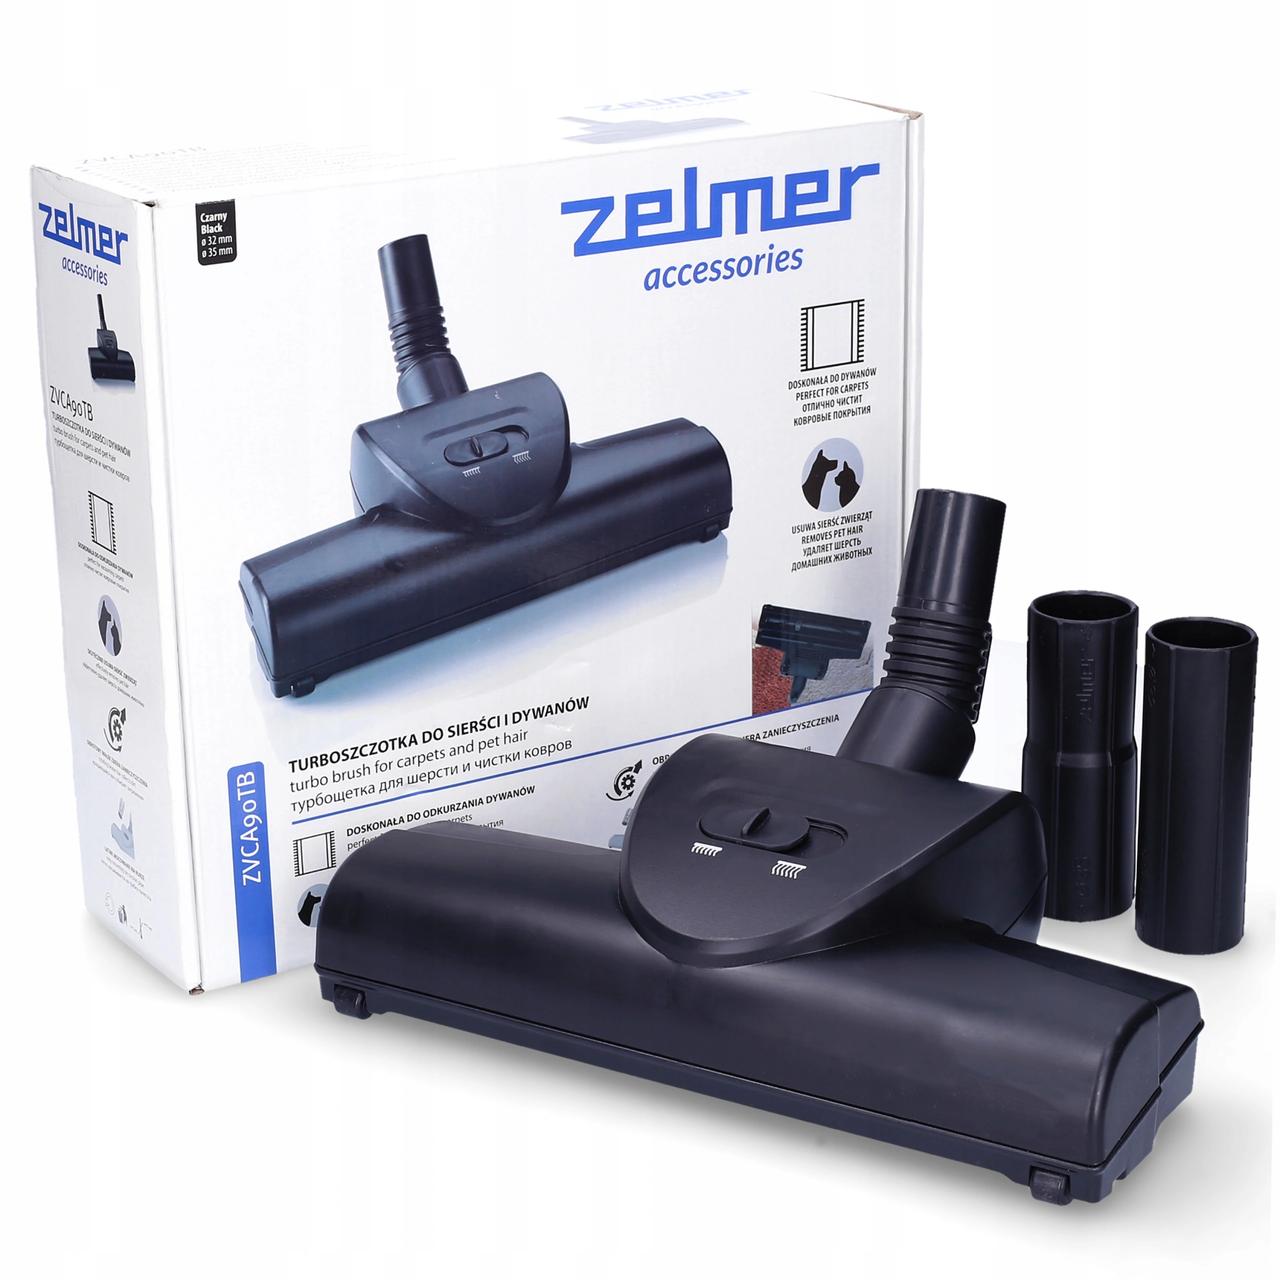 Оригінал турбощітка Zelmer VB1000 (ZVCA90TG) для пилососів Aquawelt 919.0 ST